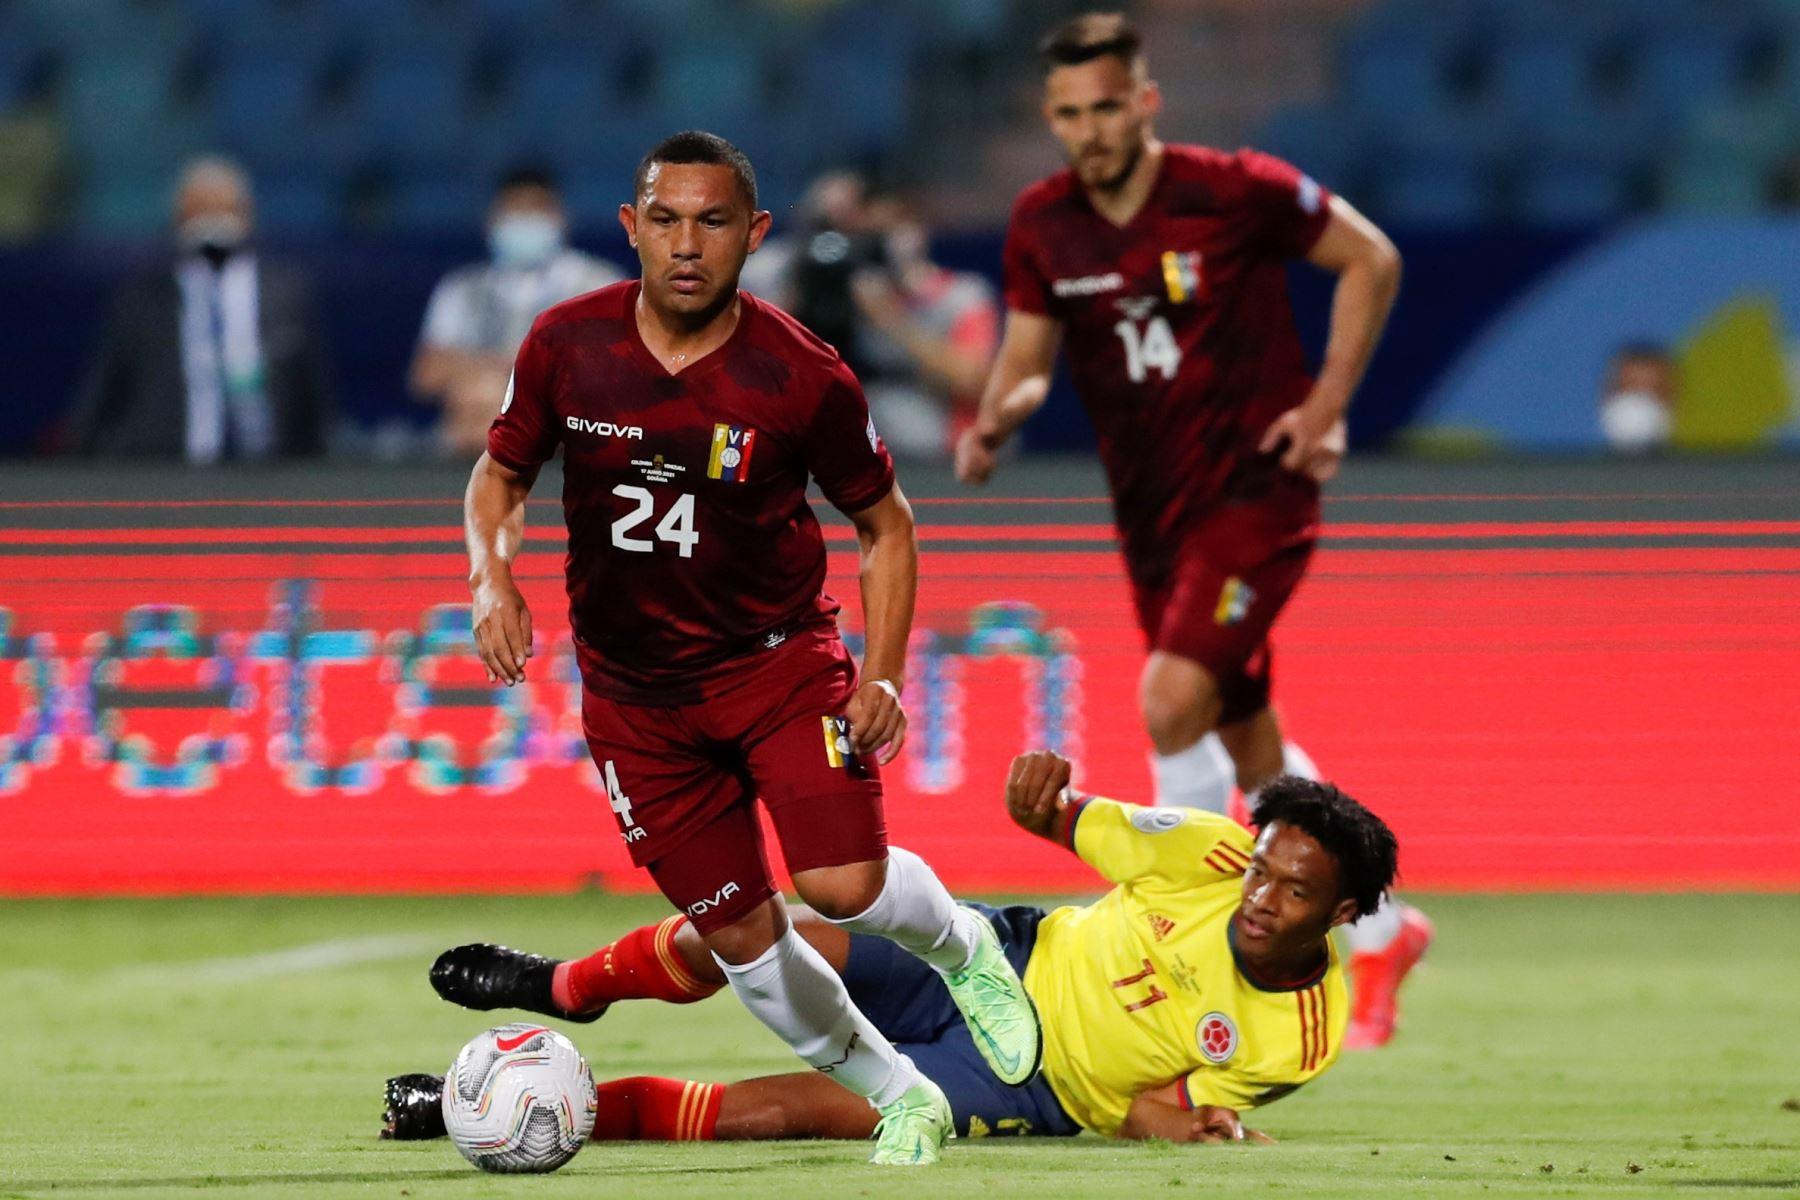 Juan Cuadrado de Colombia disputa el balón con Bernaldo Manzano de Venezuela durante partido por el grupo B de la Copa América en el Estadio Olímpico Pedro Ludovico Teixeira, en Goiania, Brasil. Foto: EFE